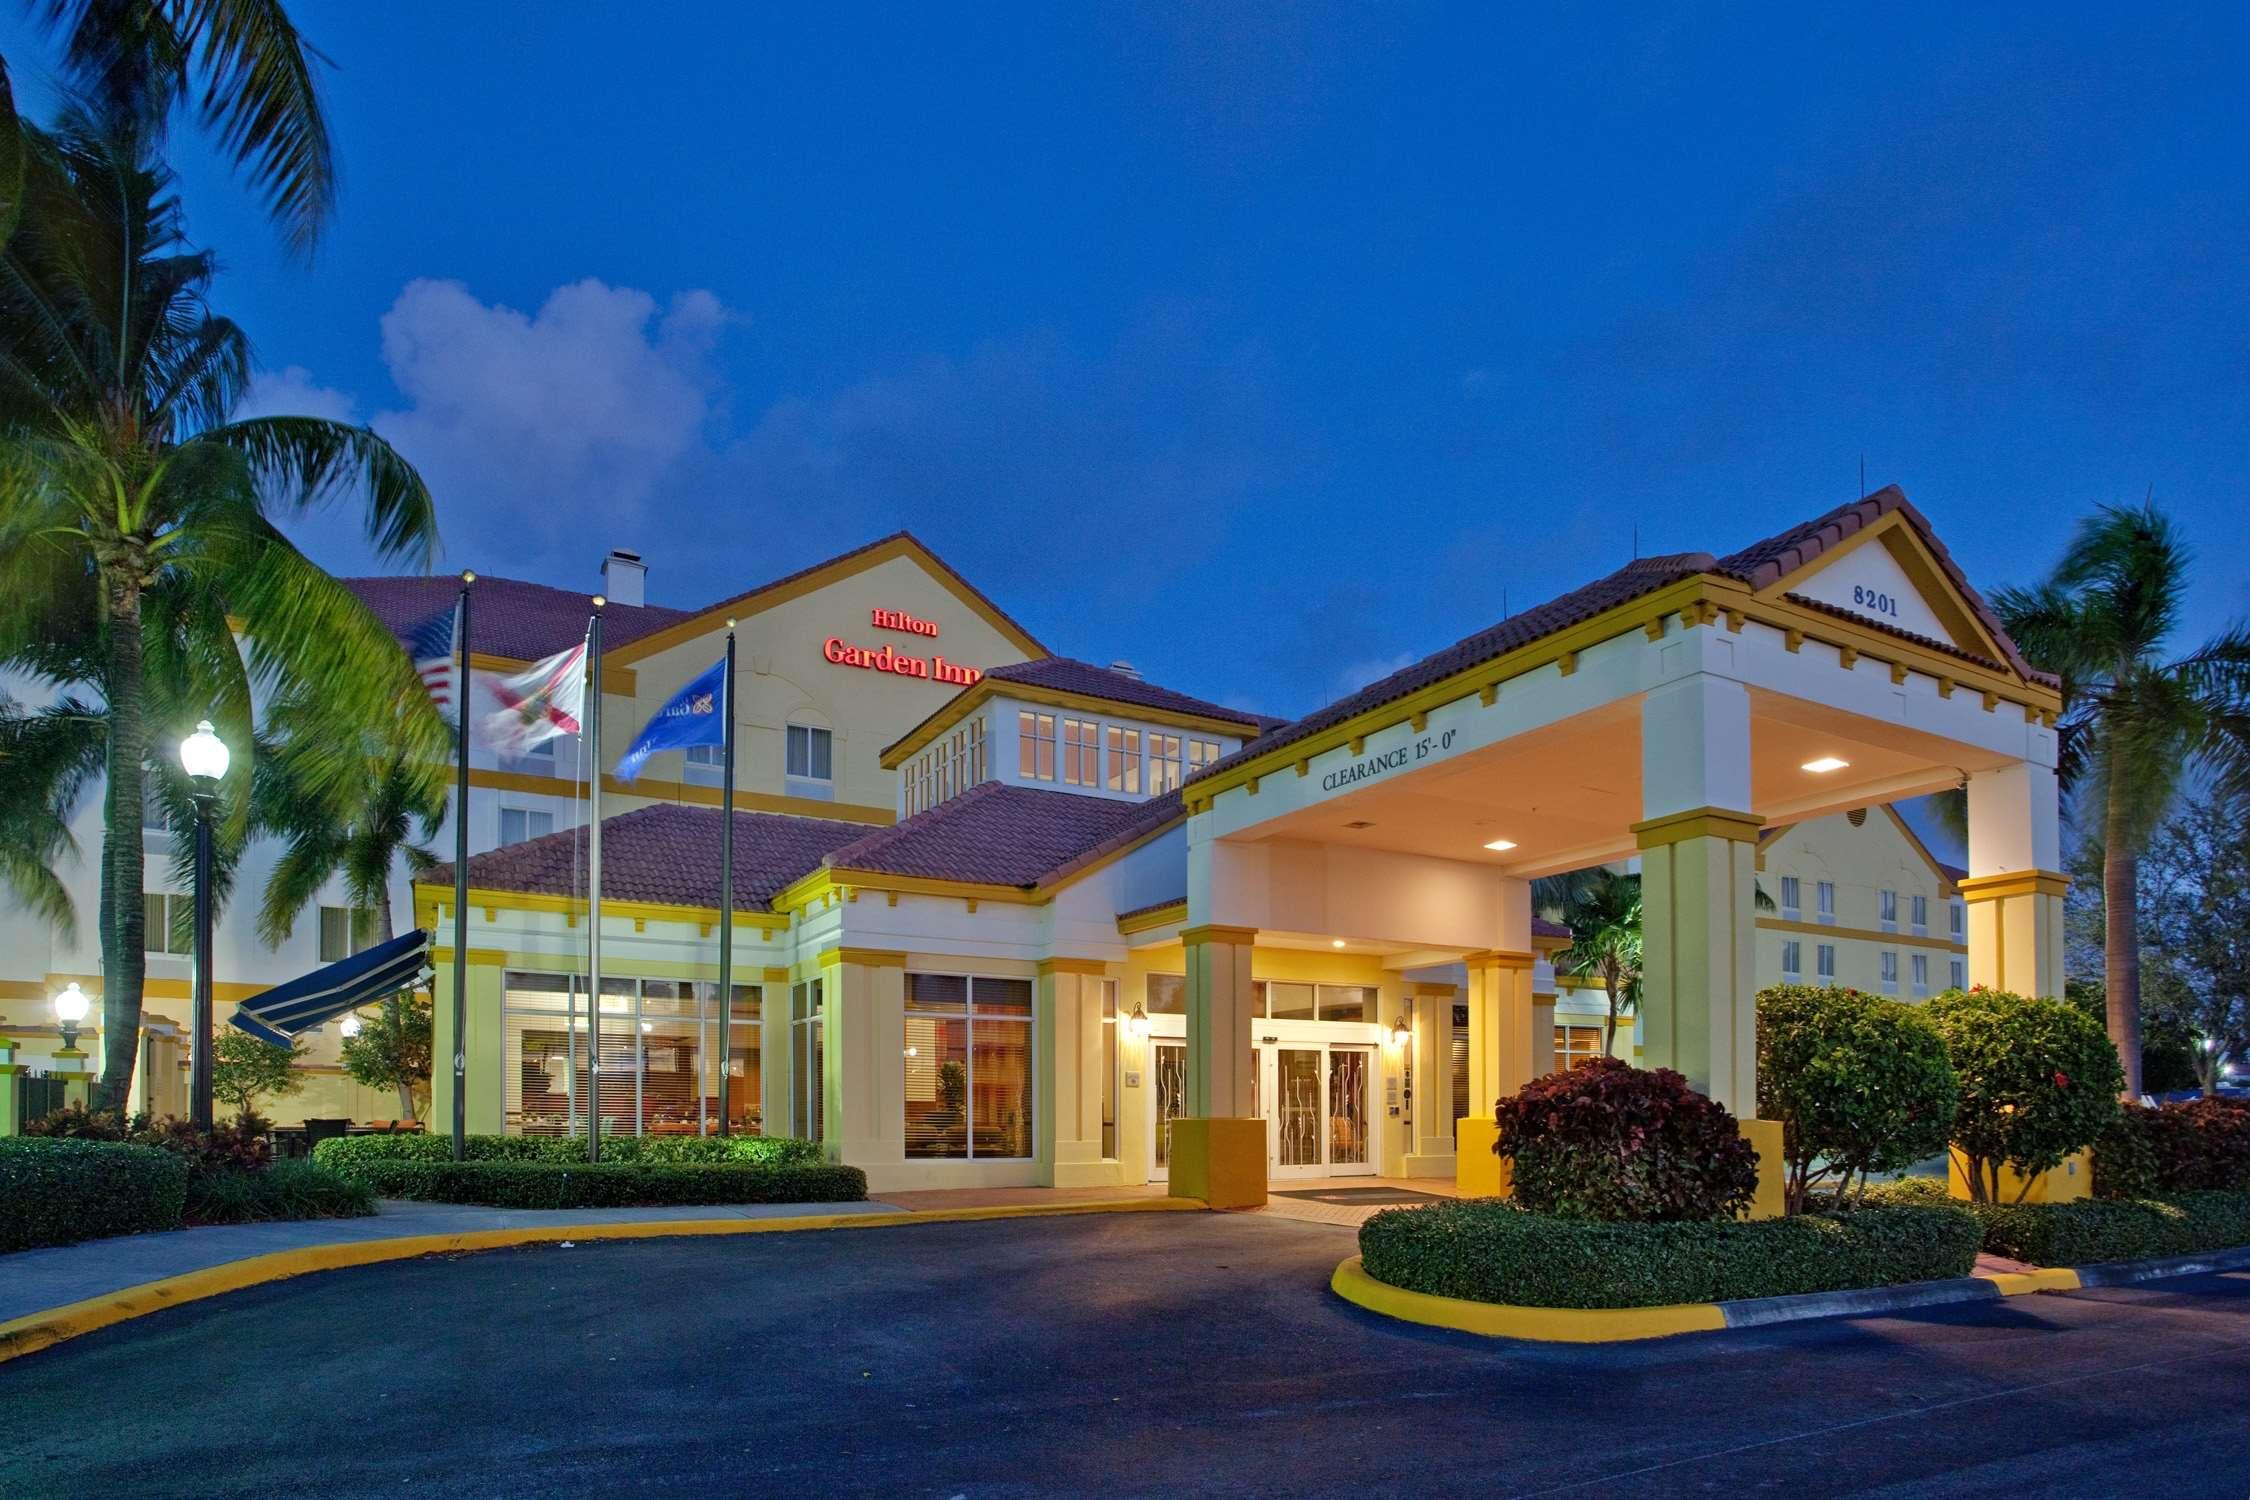 Hilton Garden Inn Boca Raton image 0